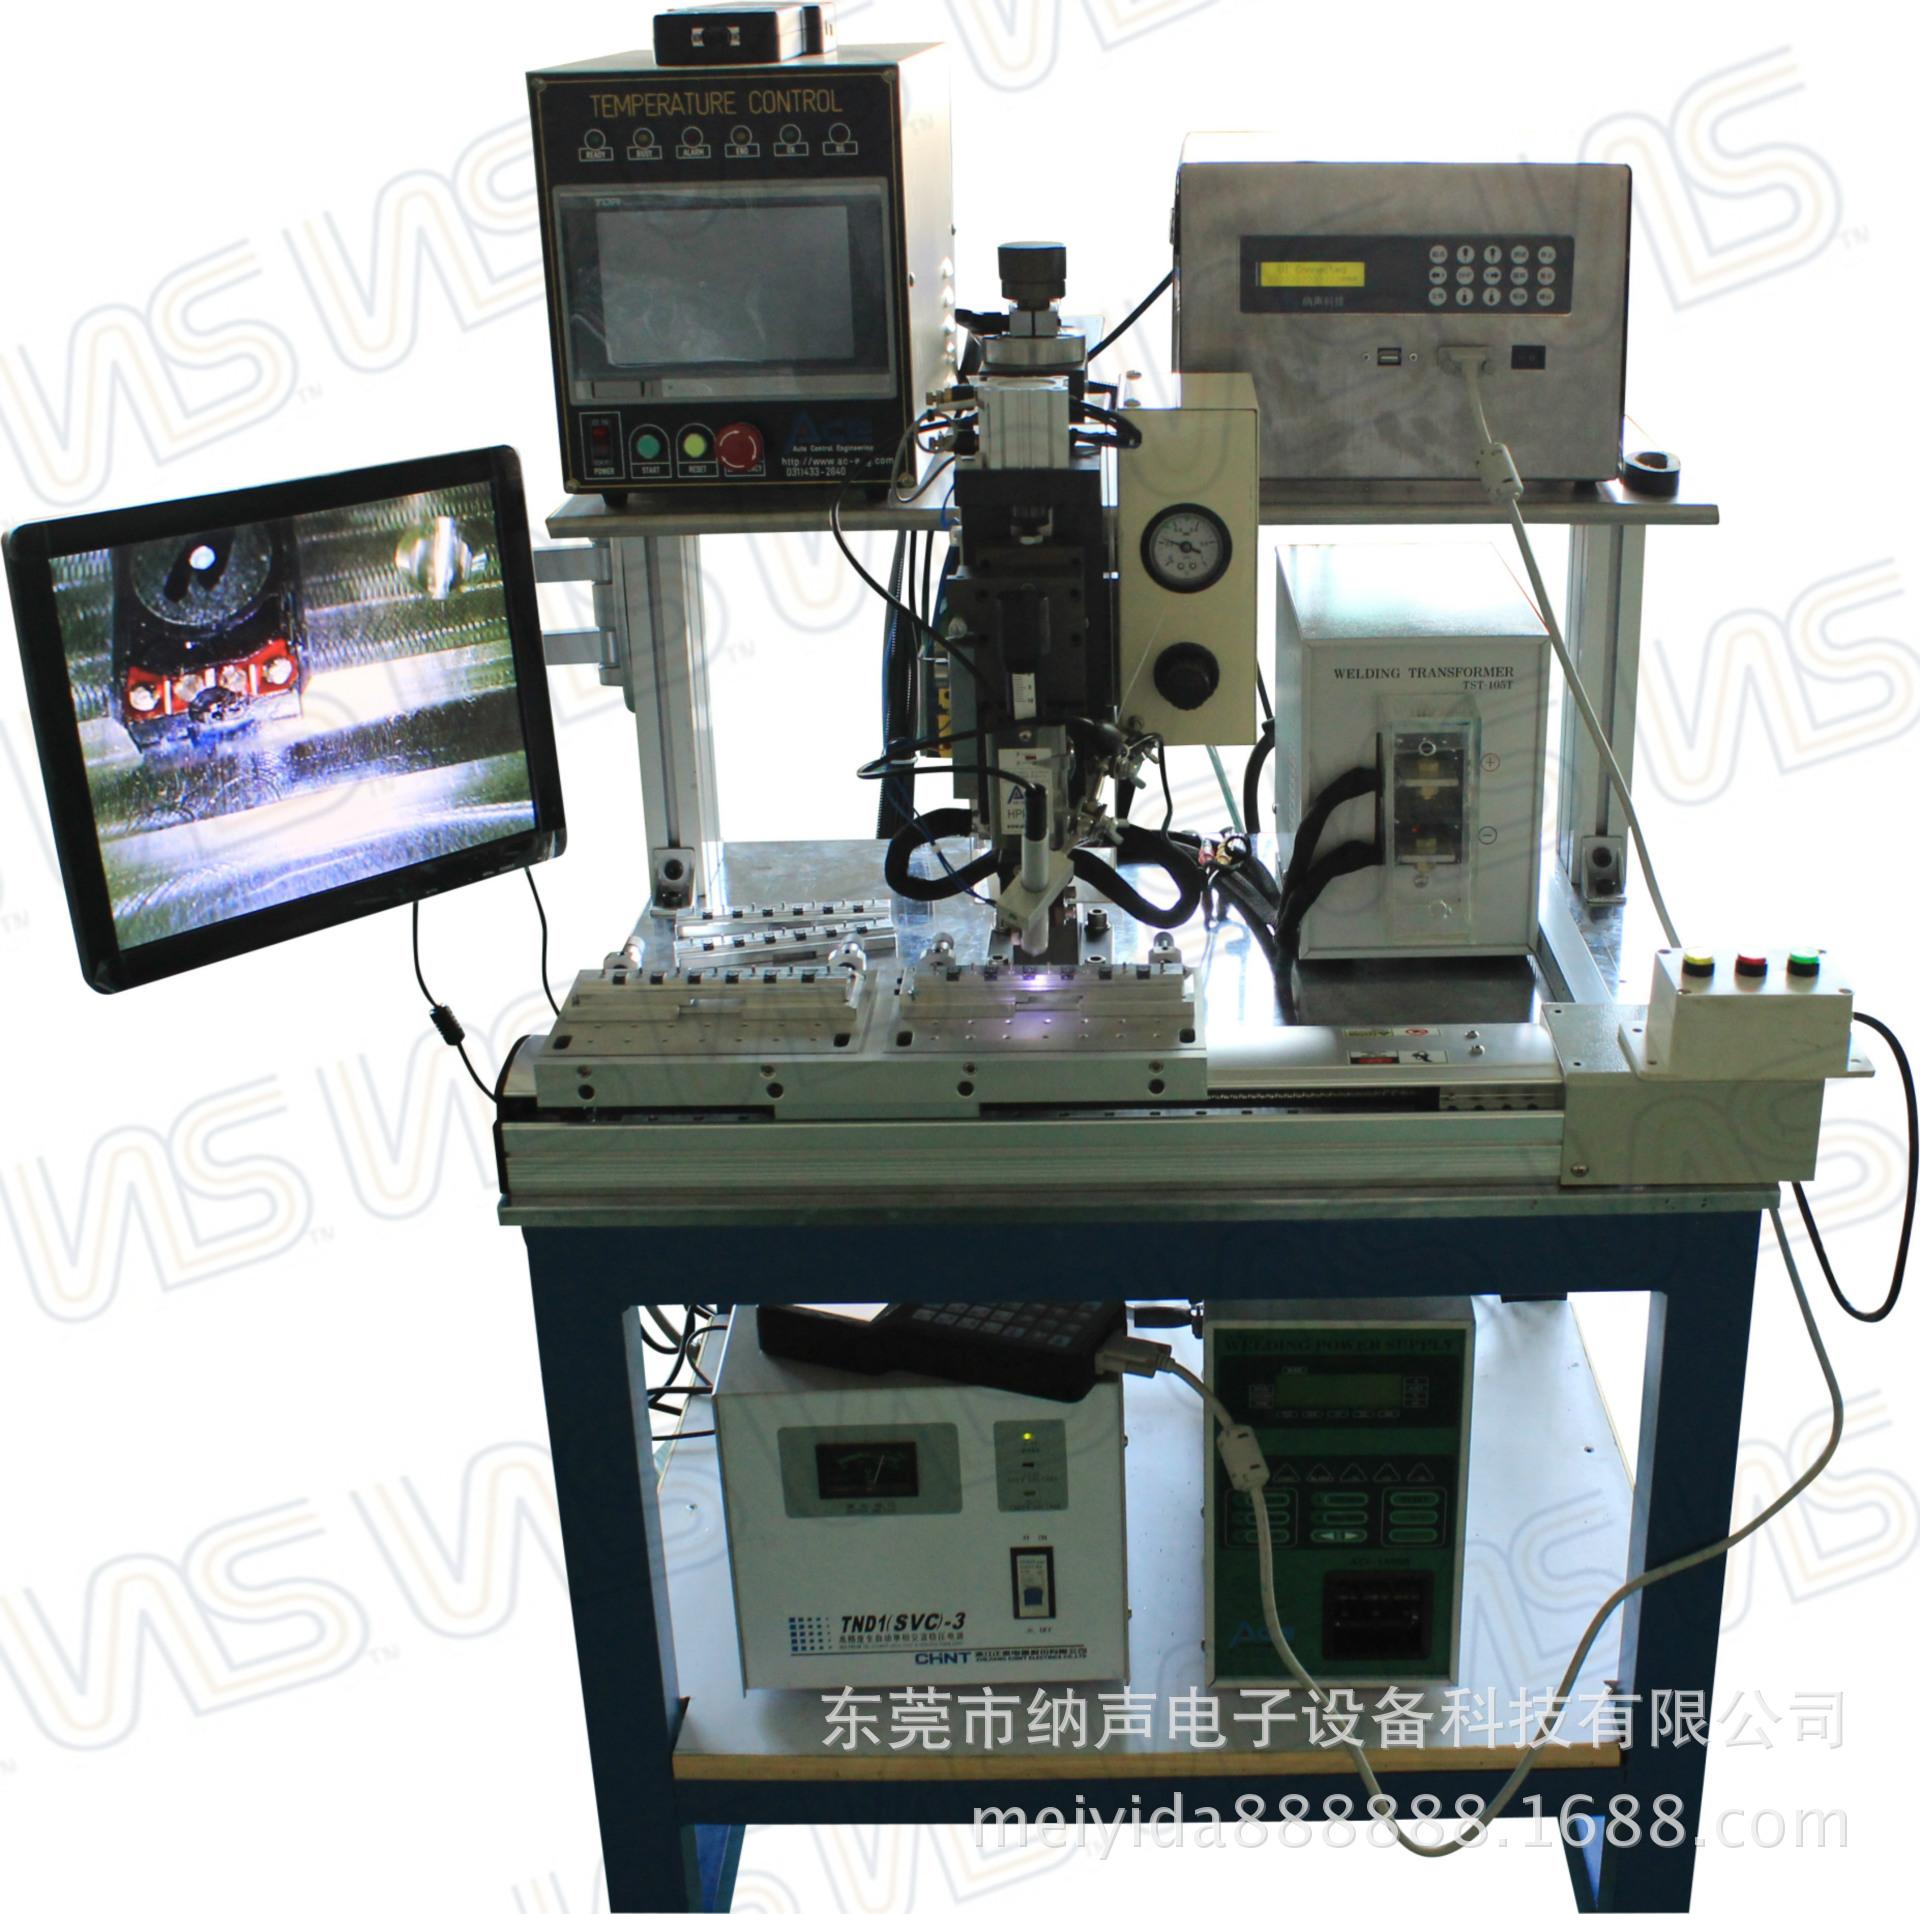 单轴双模自动热熔焊机器人 喇叭引线用金属线焊接 循环工作效率高